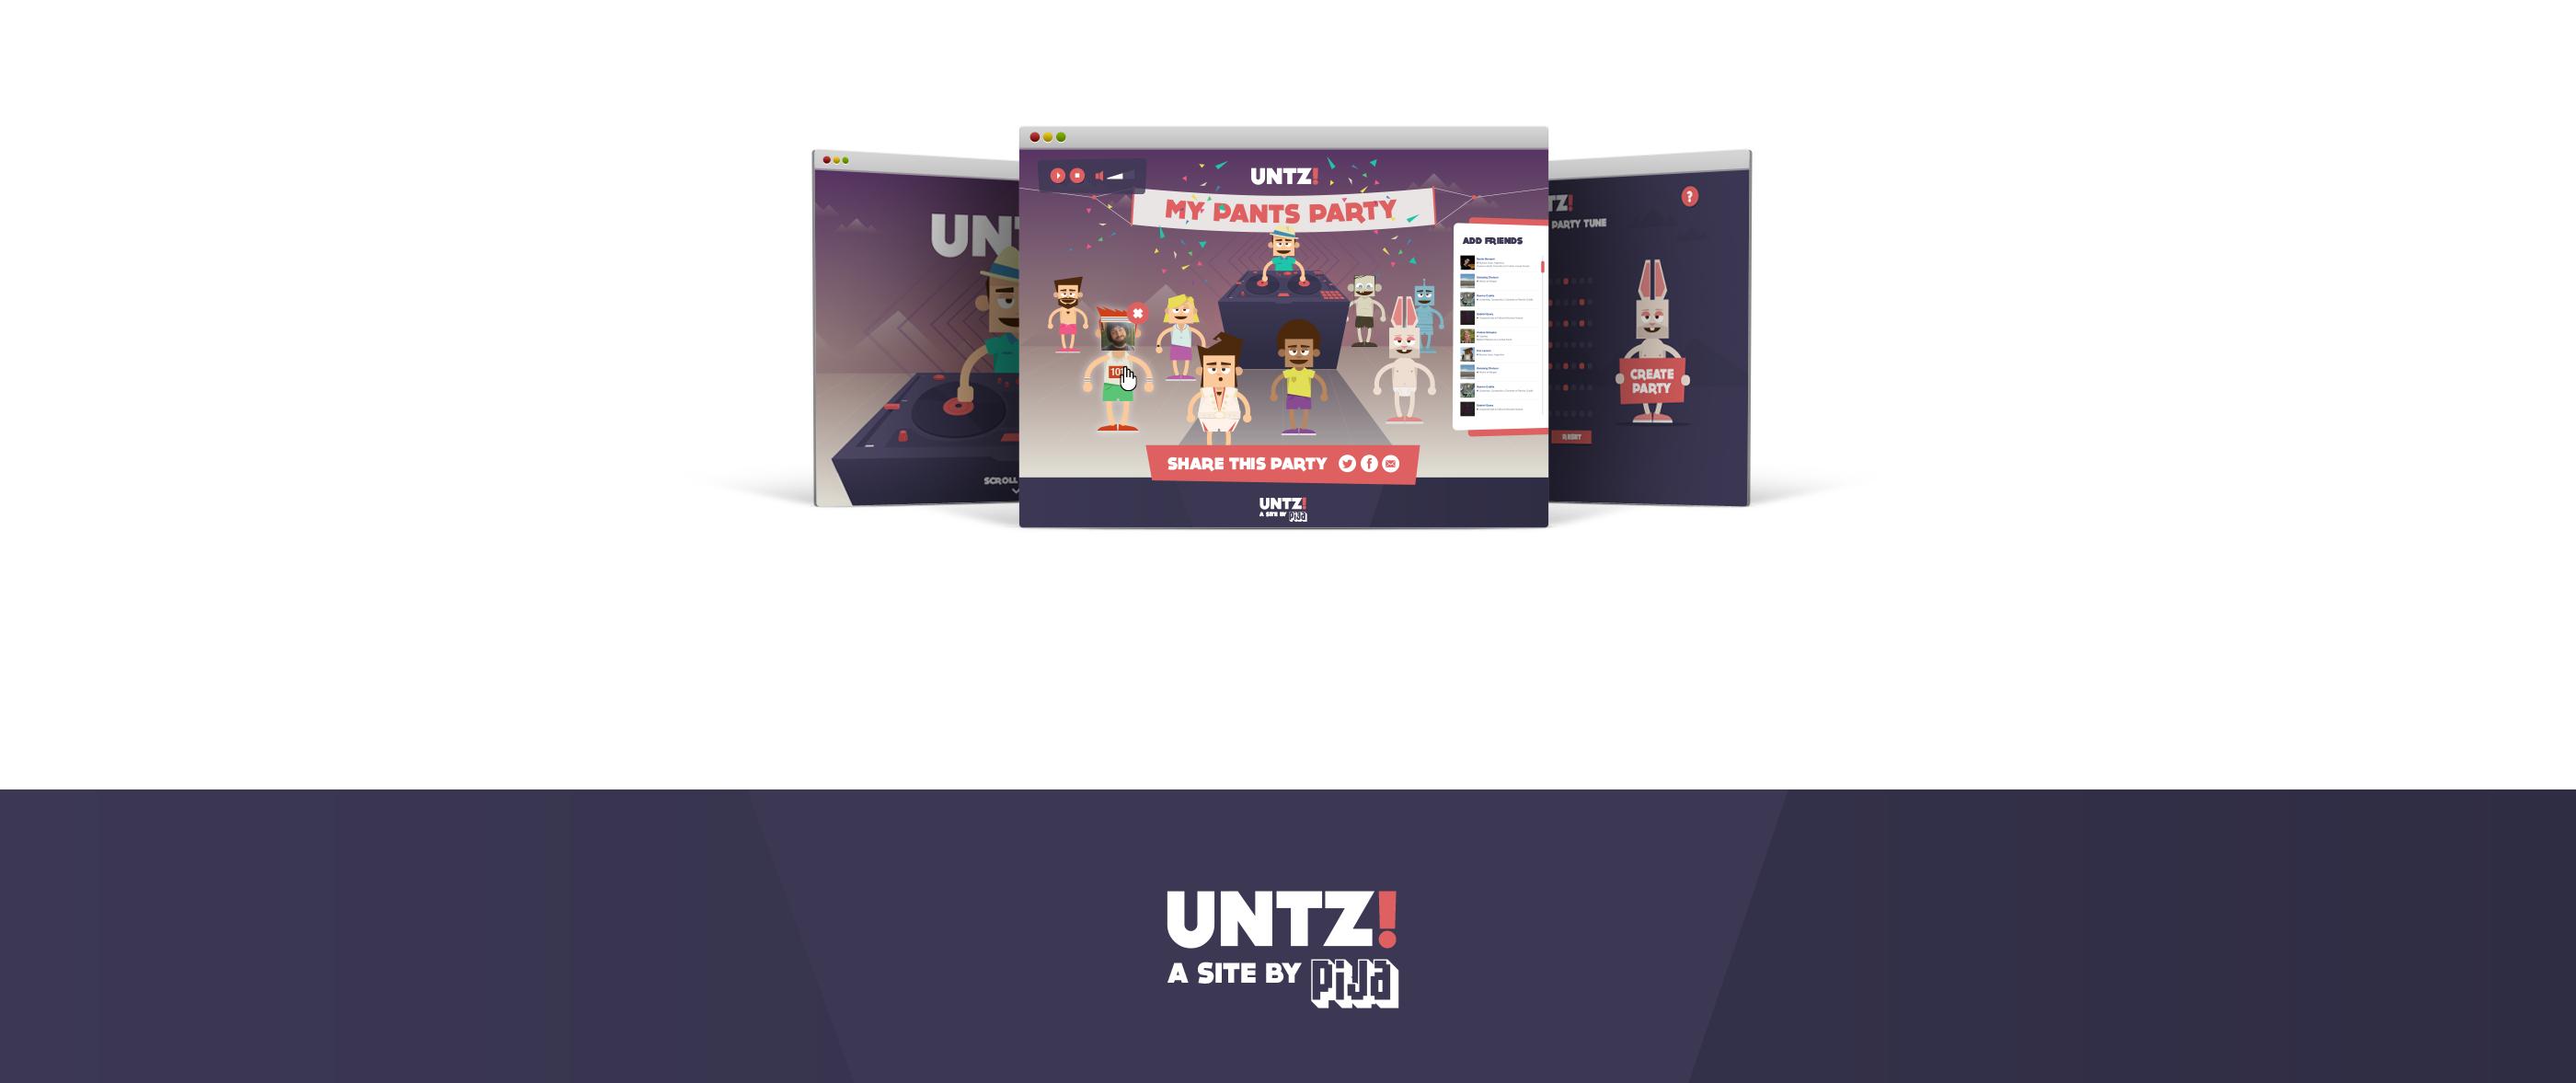 untz-case-5